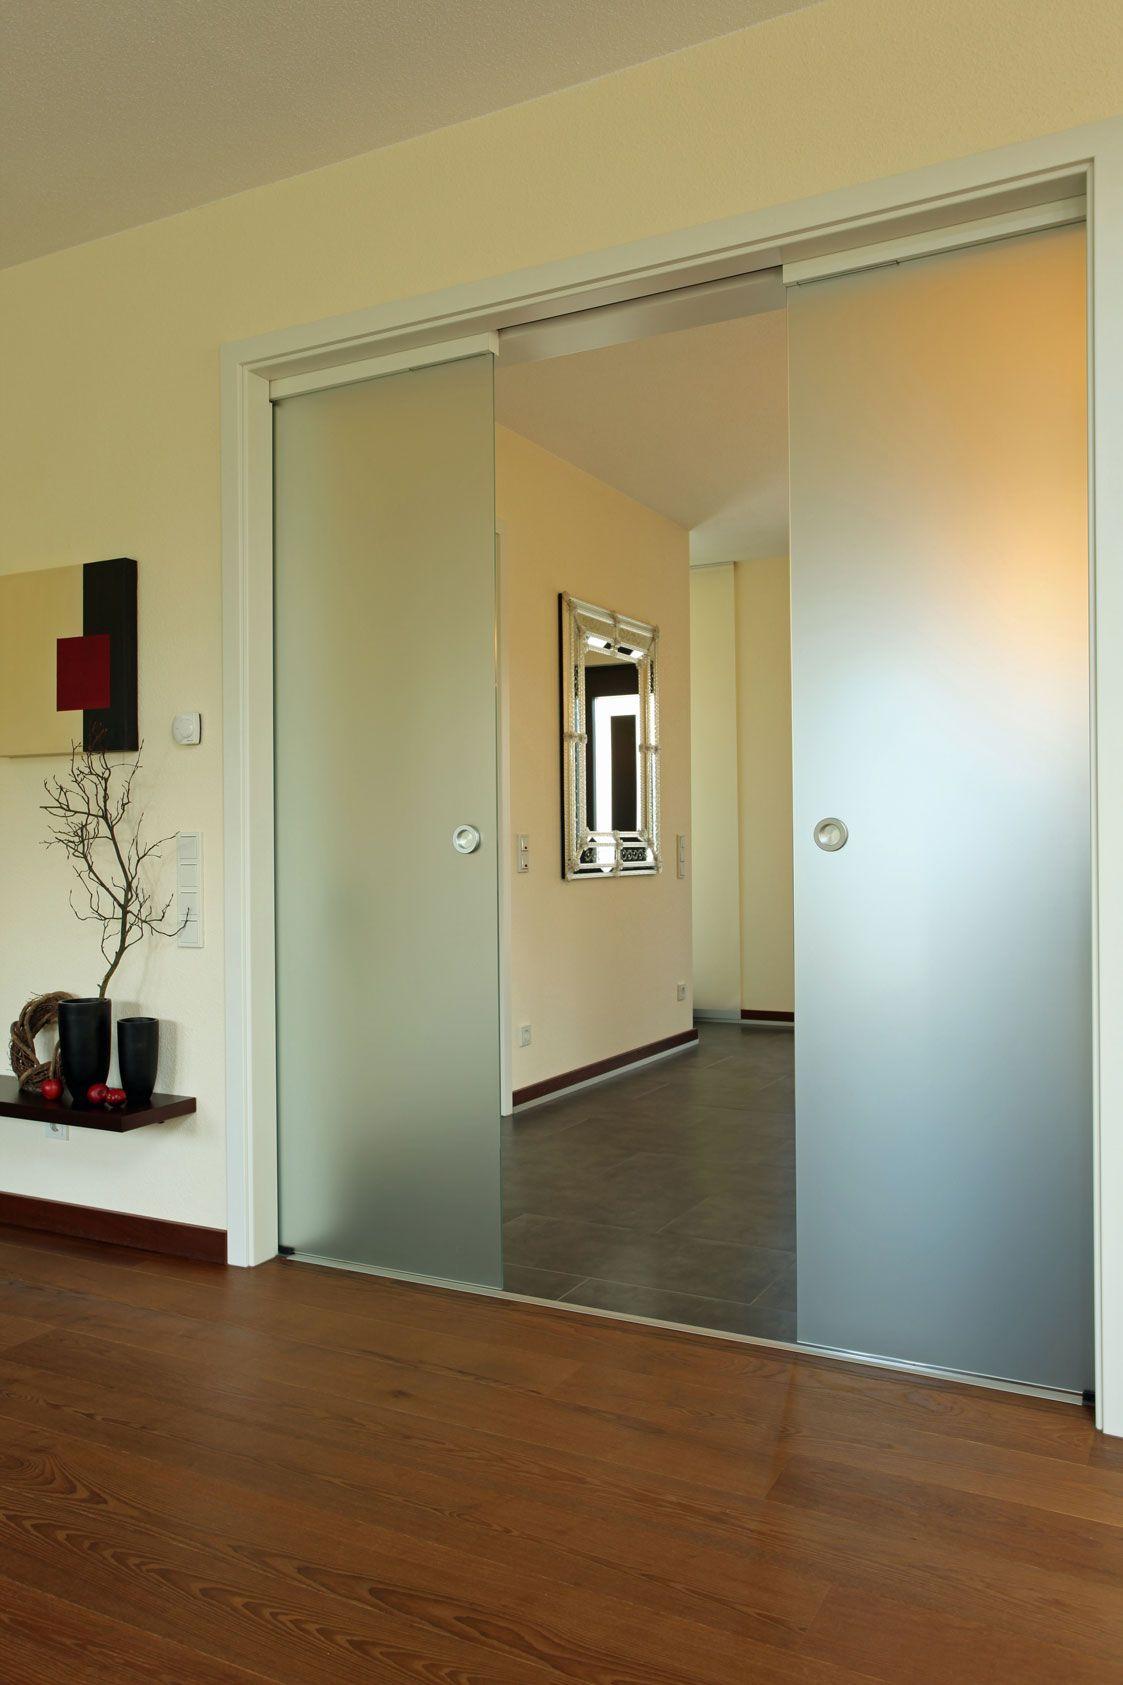 Diele Mit Schiebeglastur Haus Wohnen Glastur Wohnzimmer